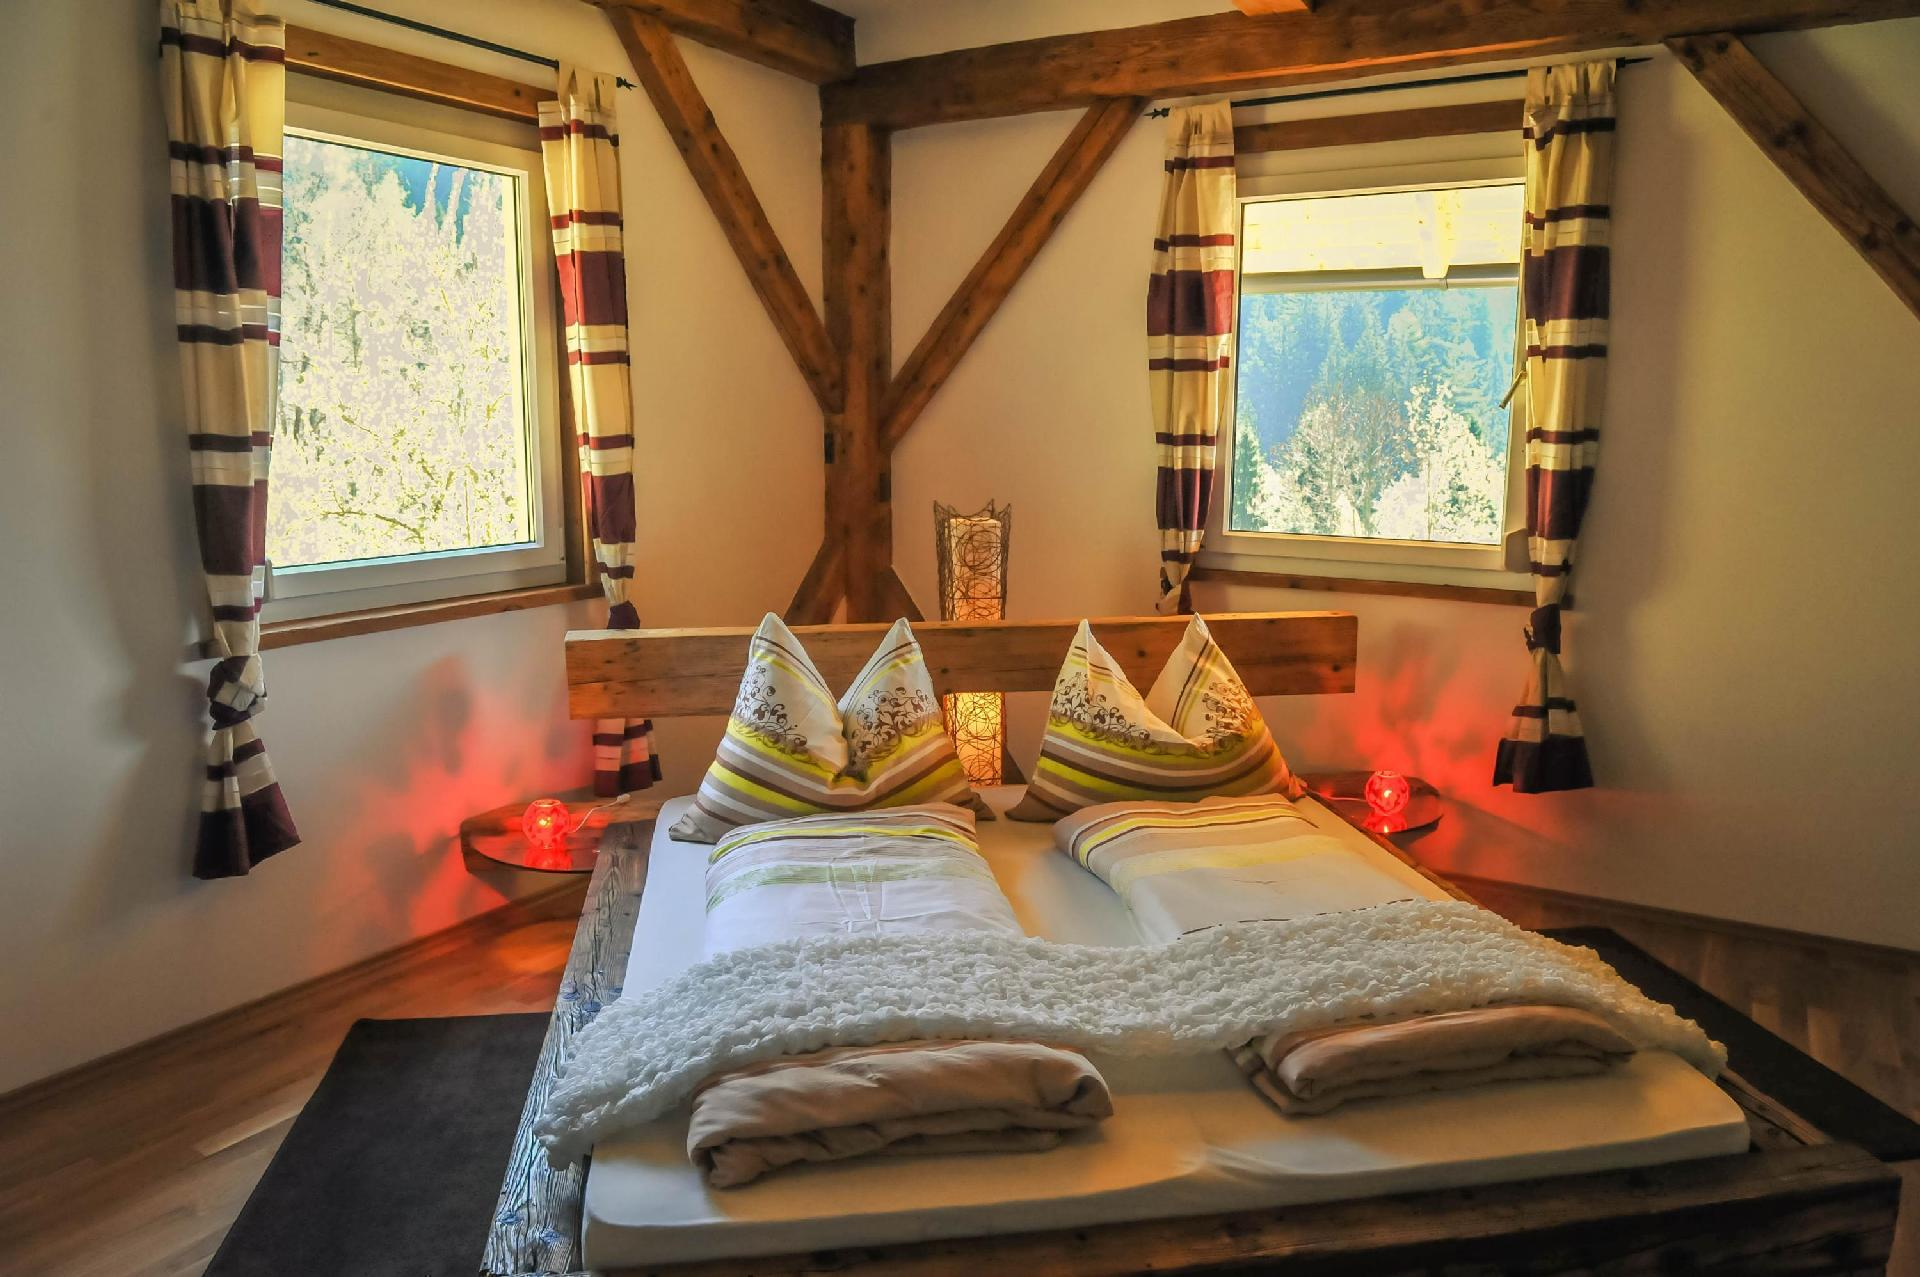 Ferienhaus für 5 Personen ca. 112 m² in